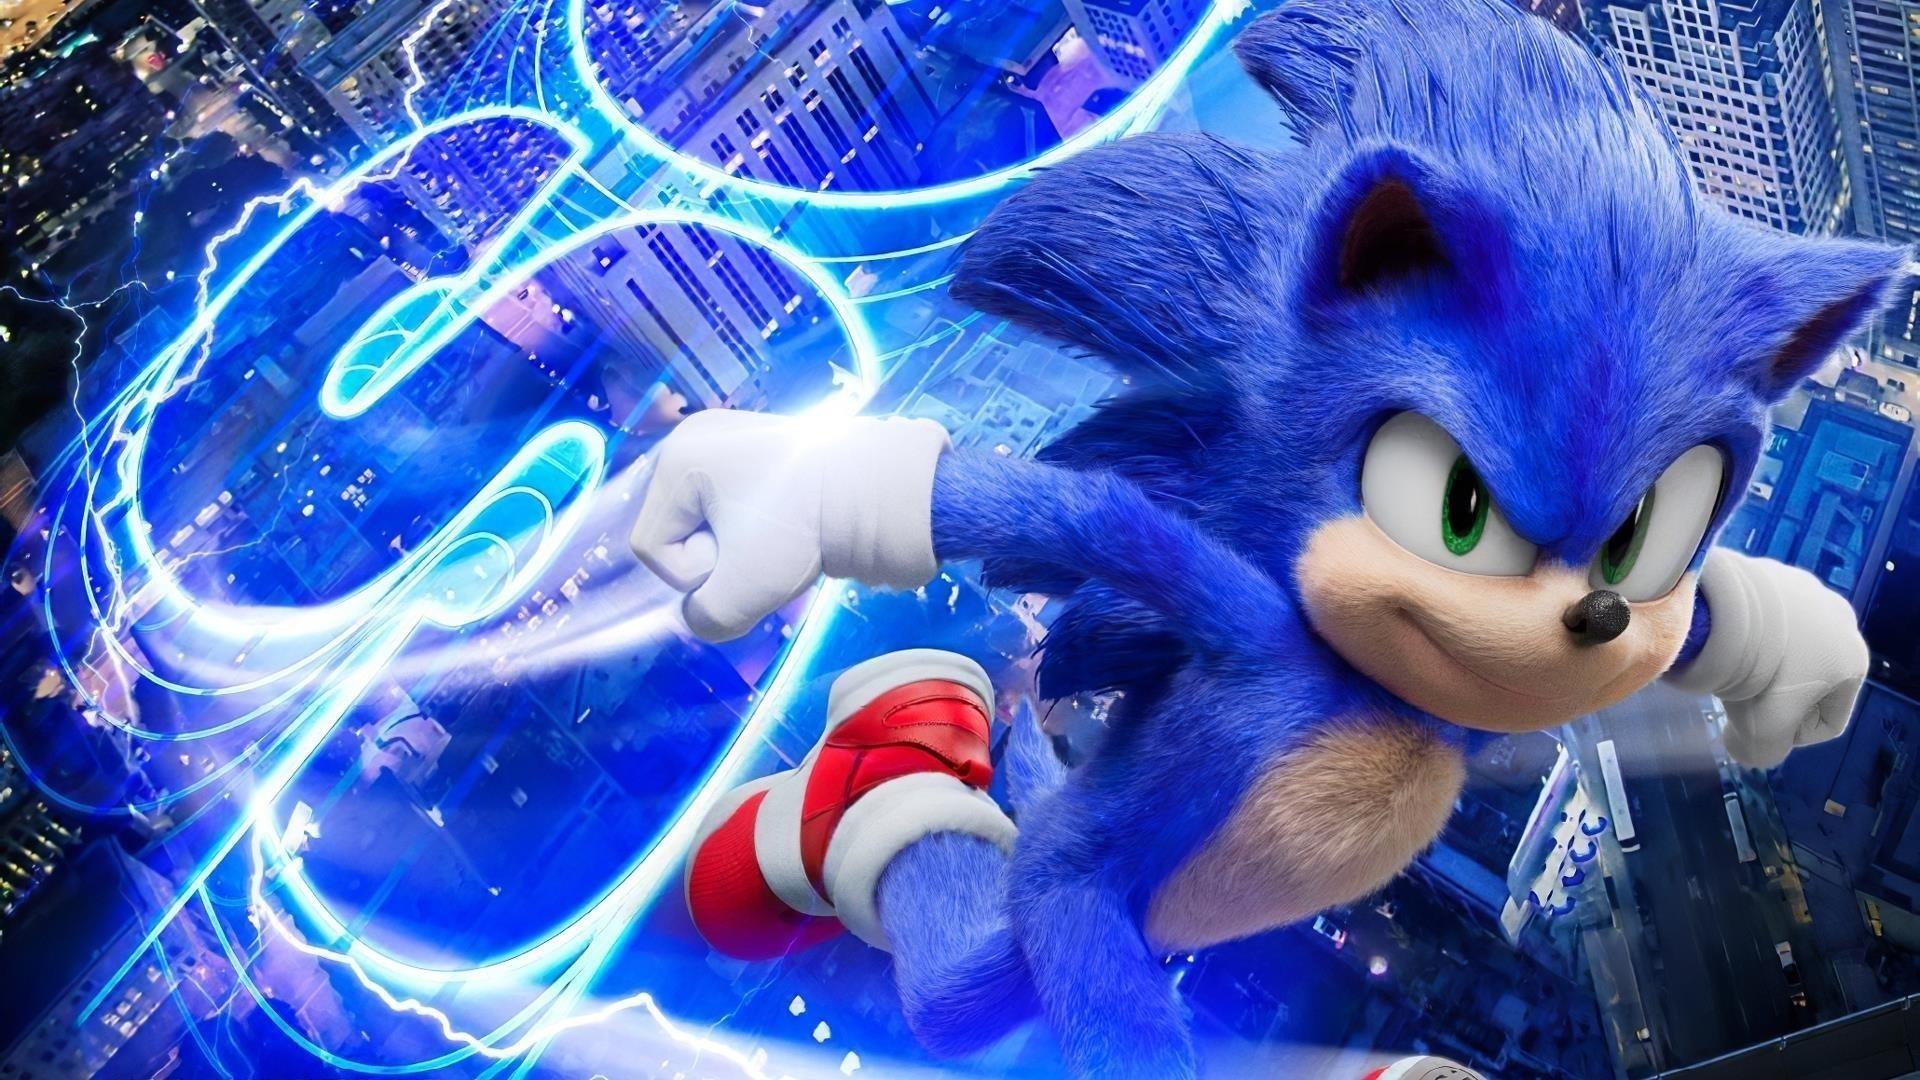 Sonic the hedgehog 5 обои скачать